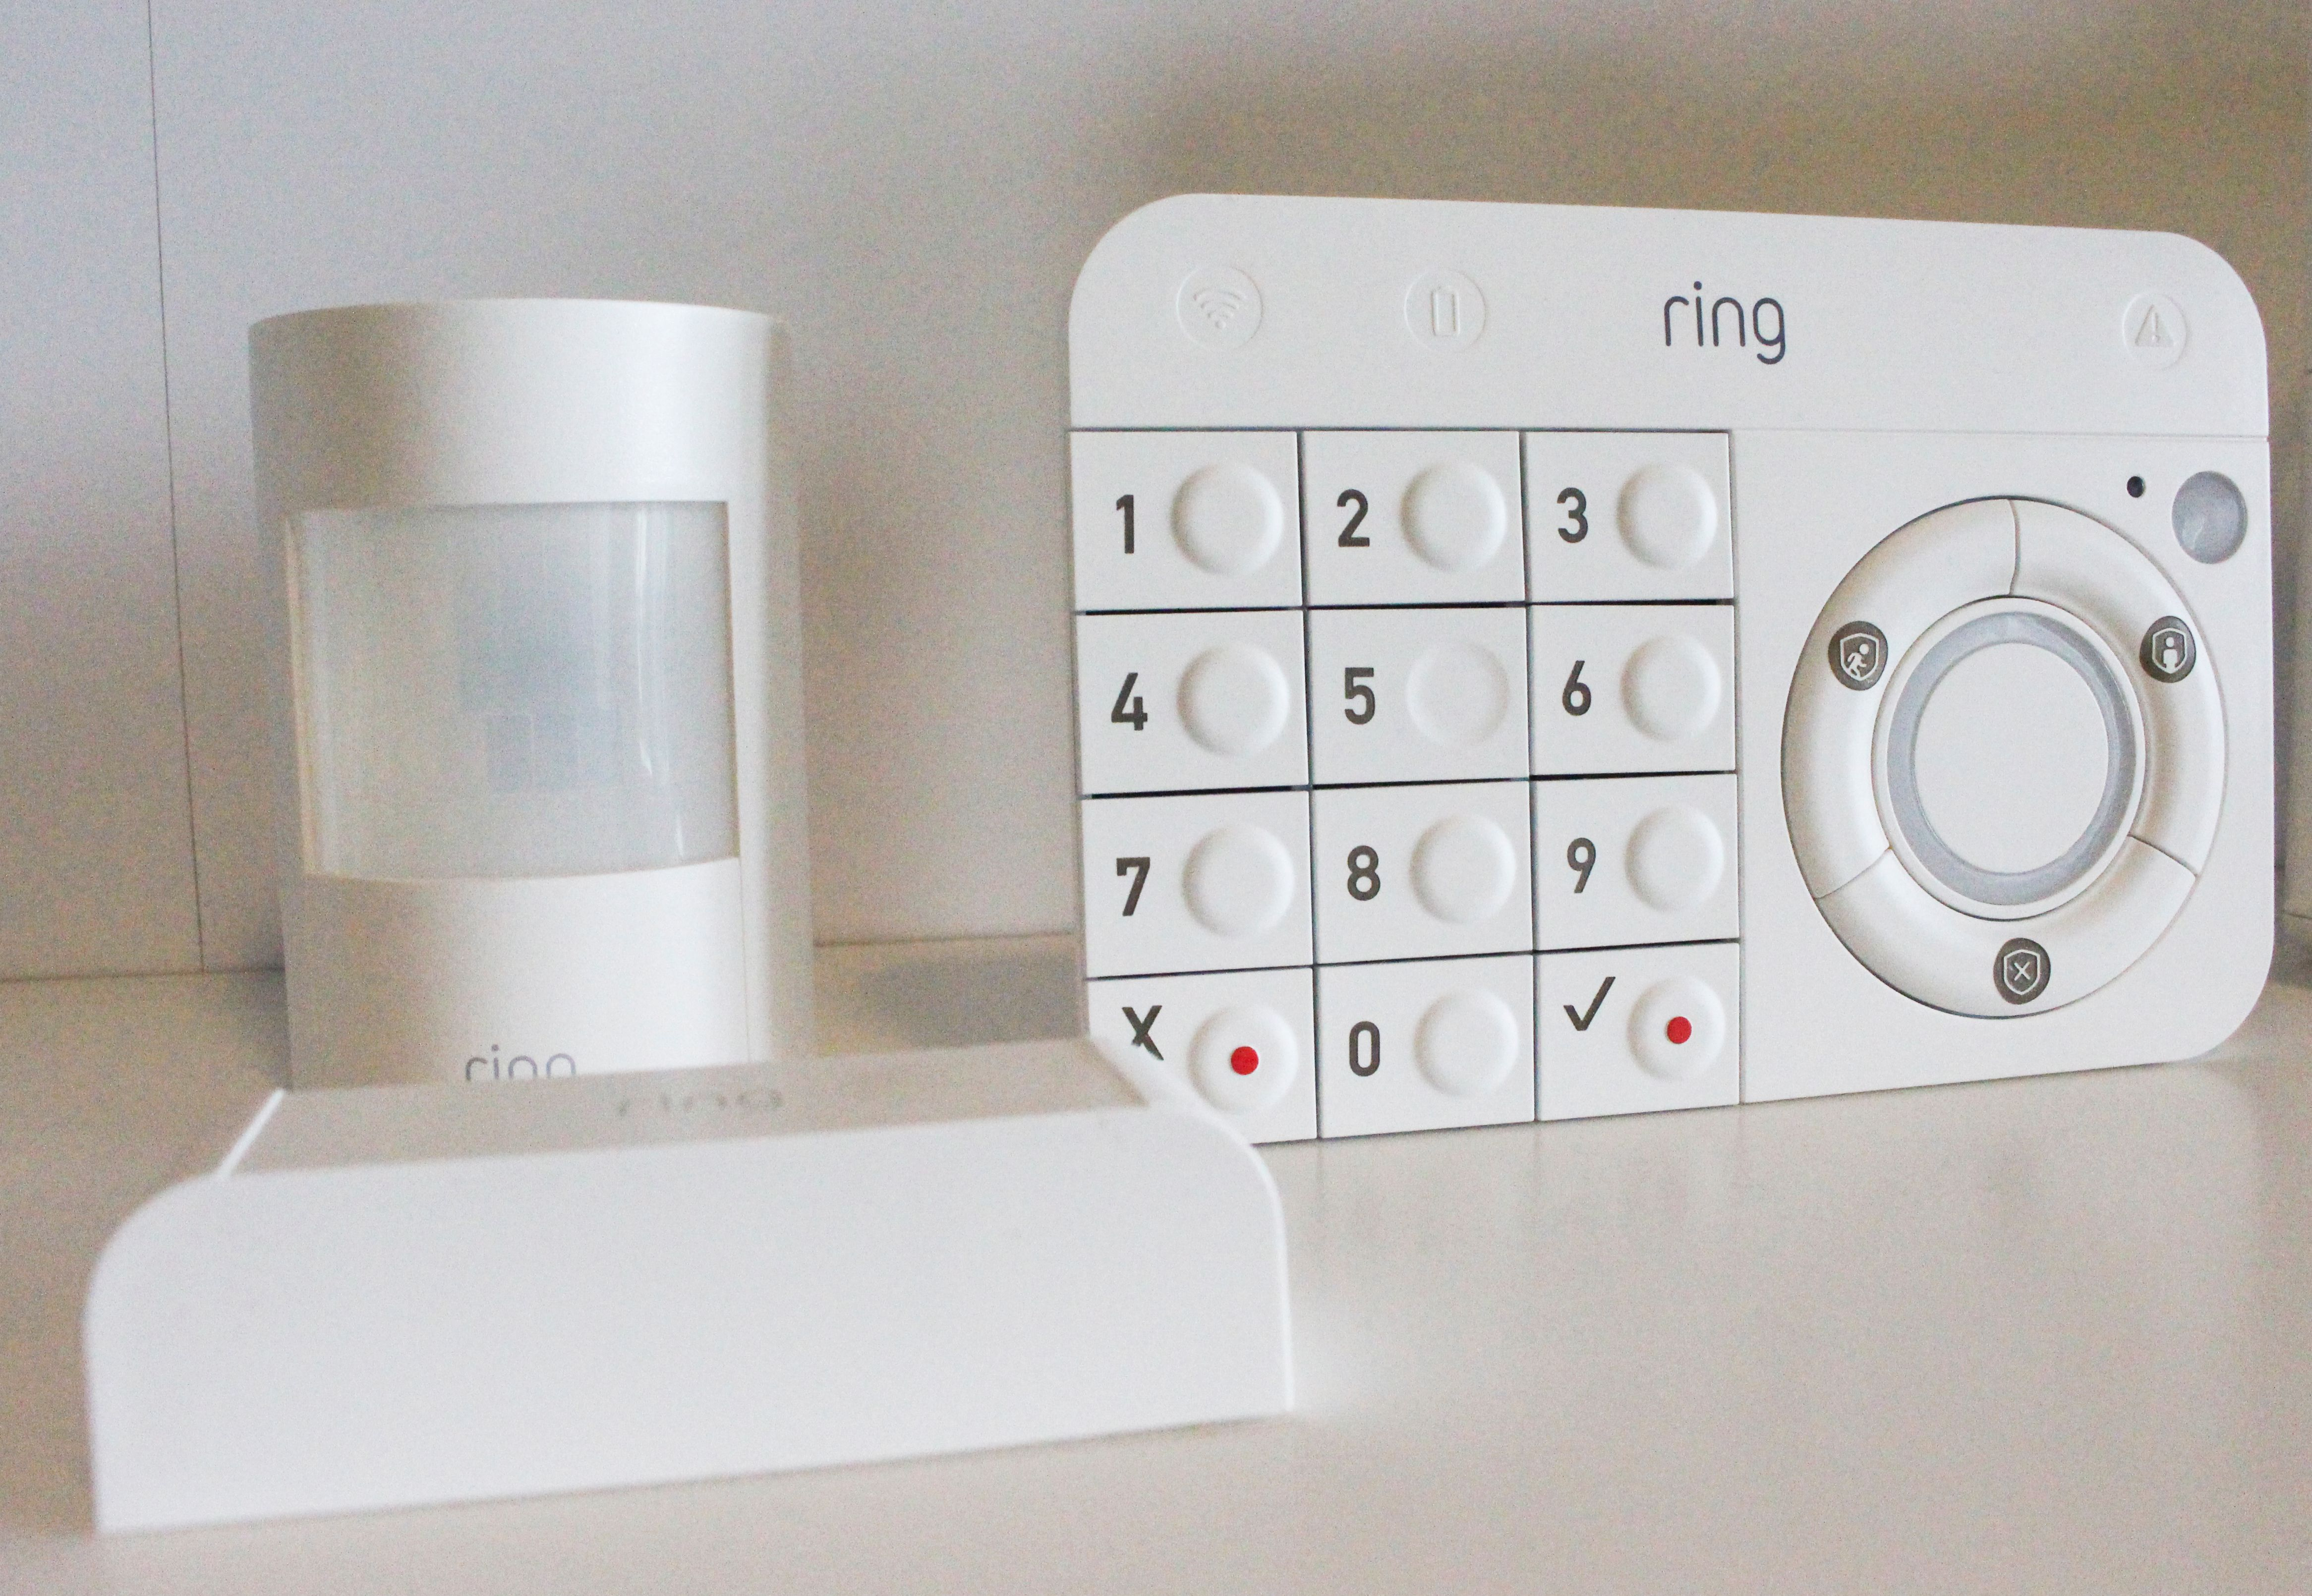 Ring Password Hacking